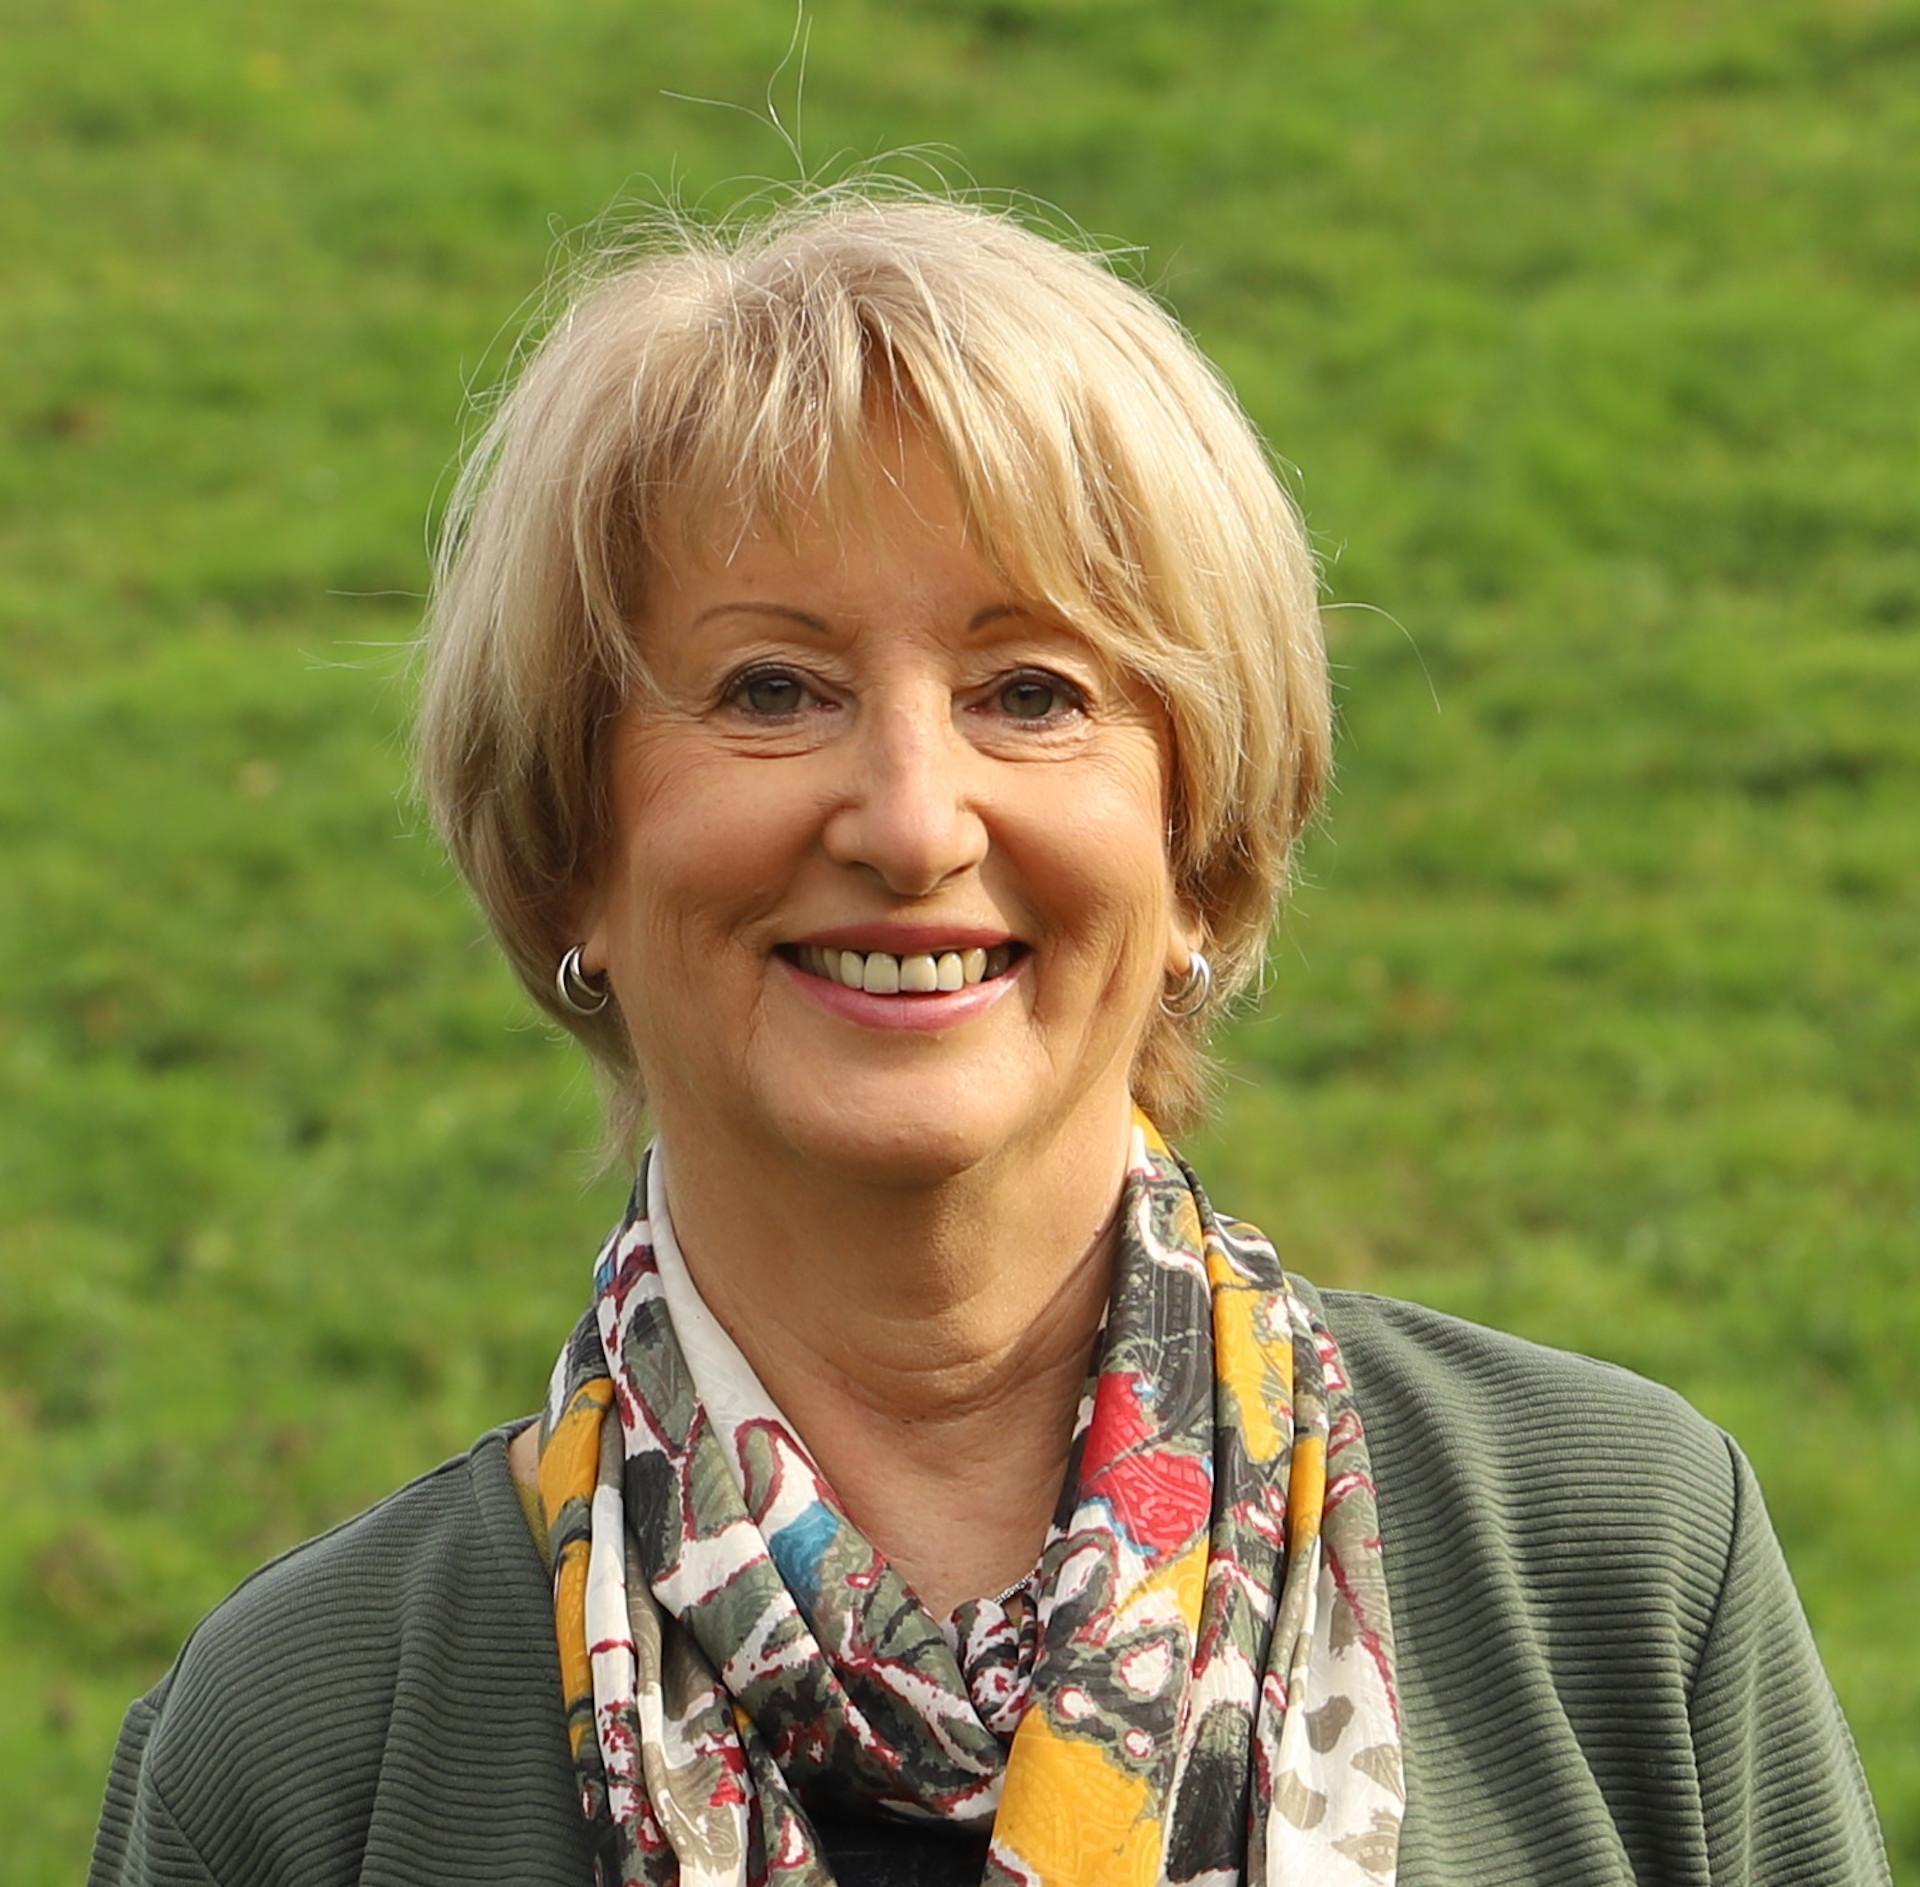 Yvette Dardillac